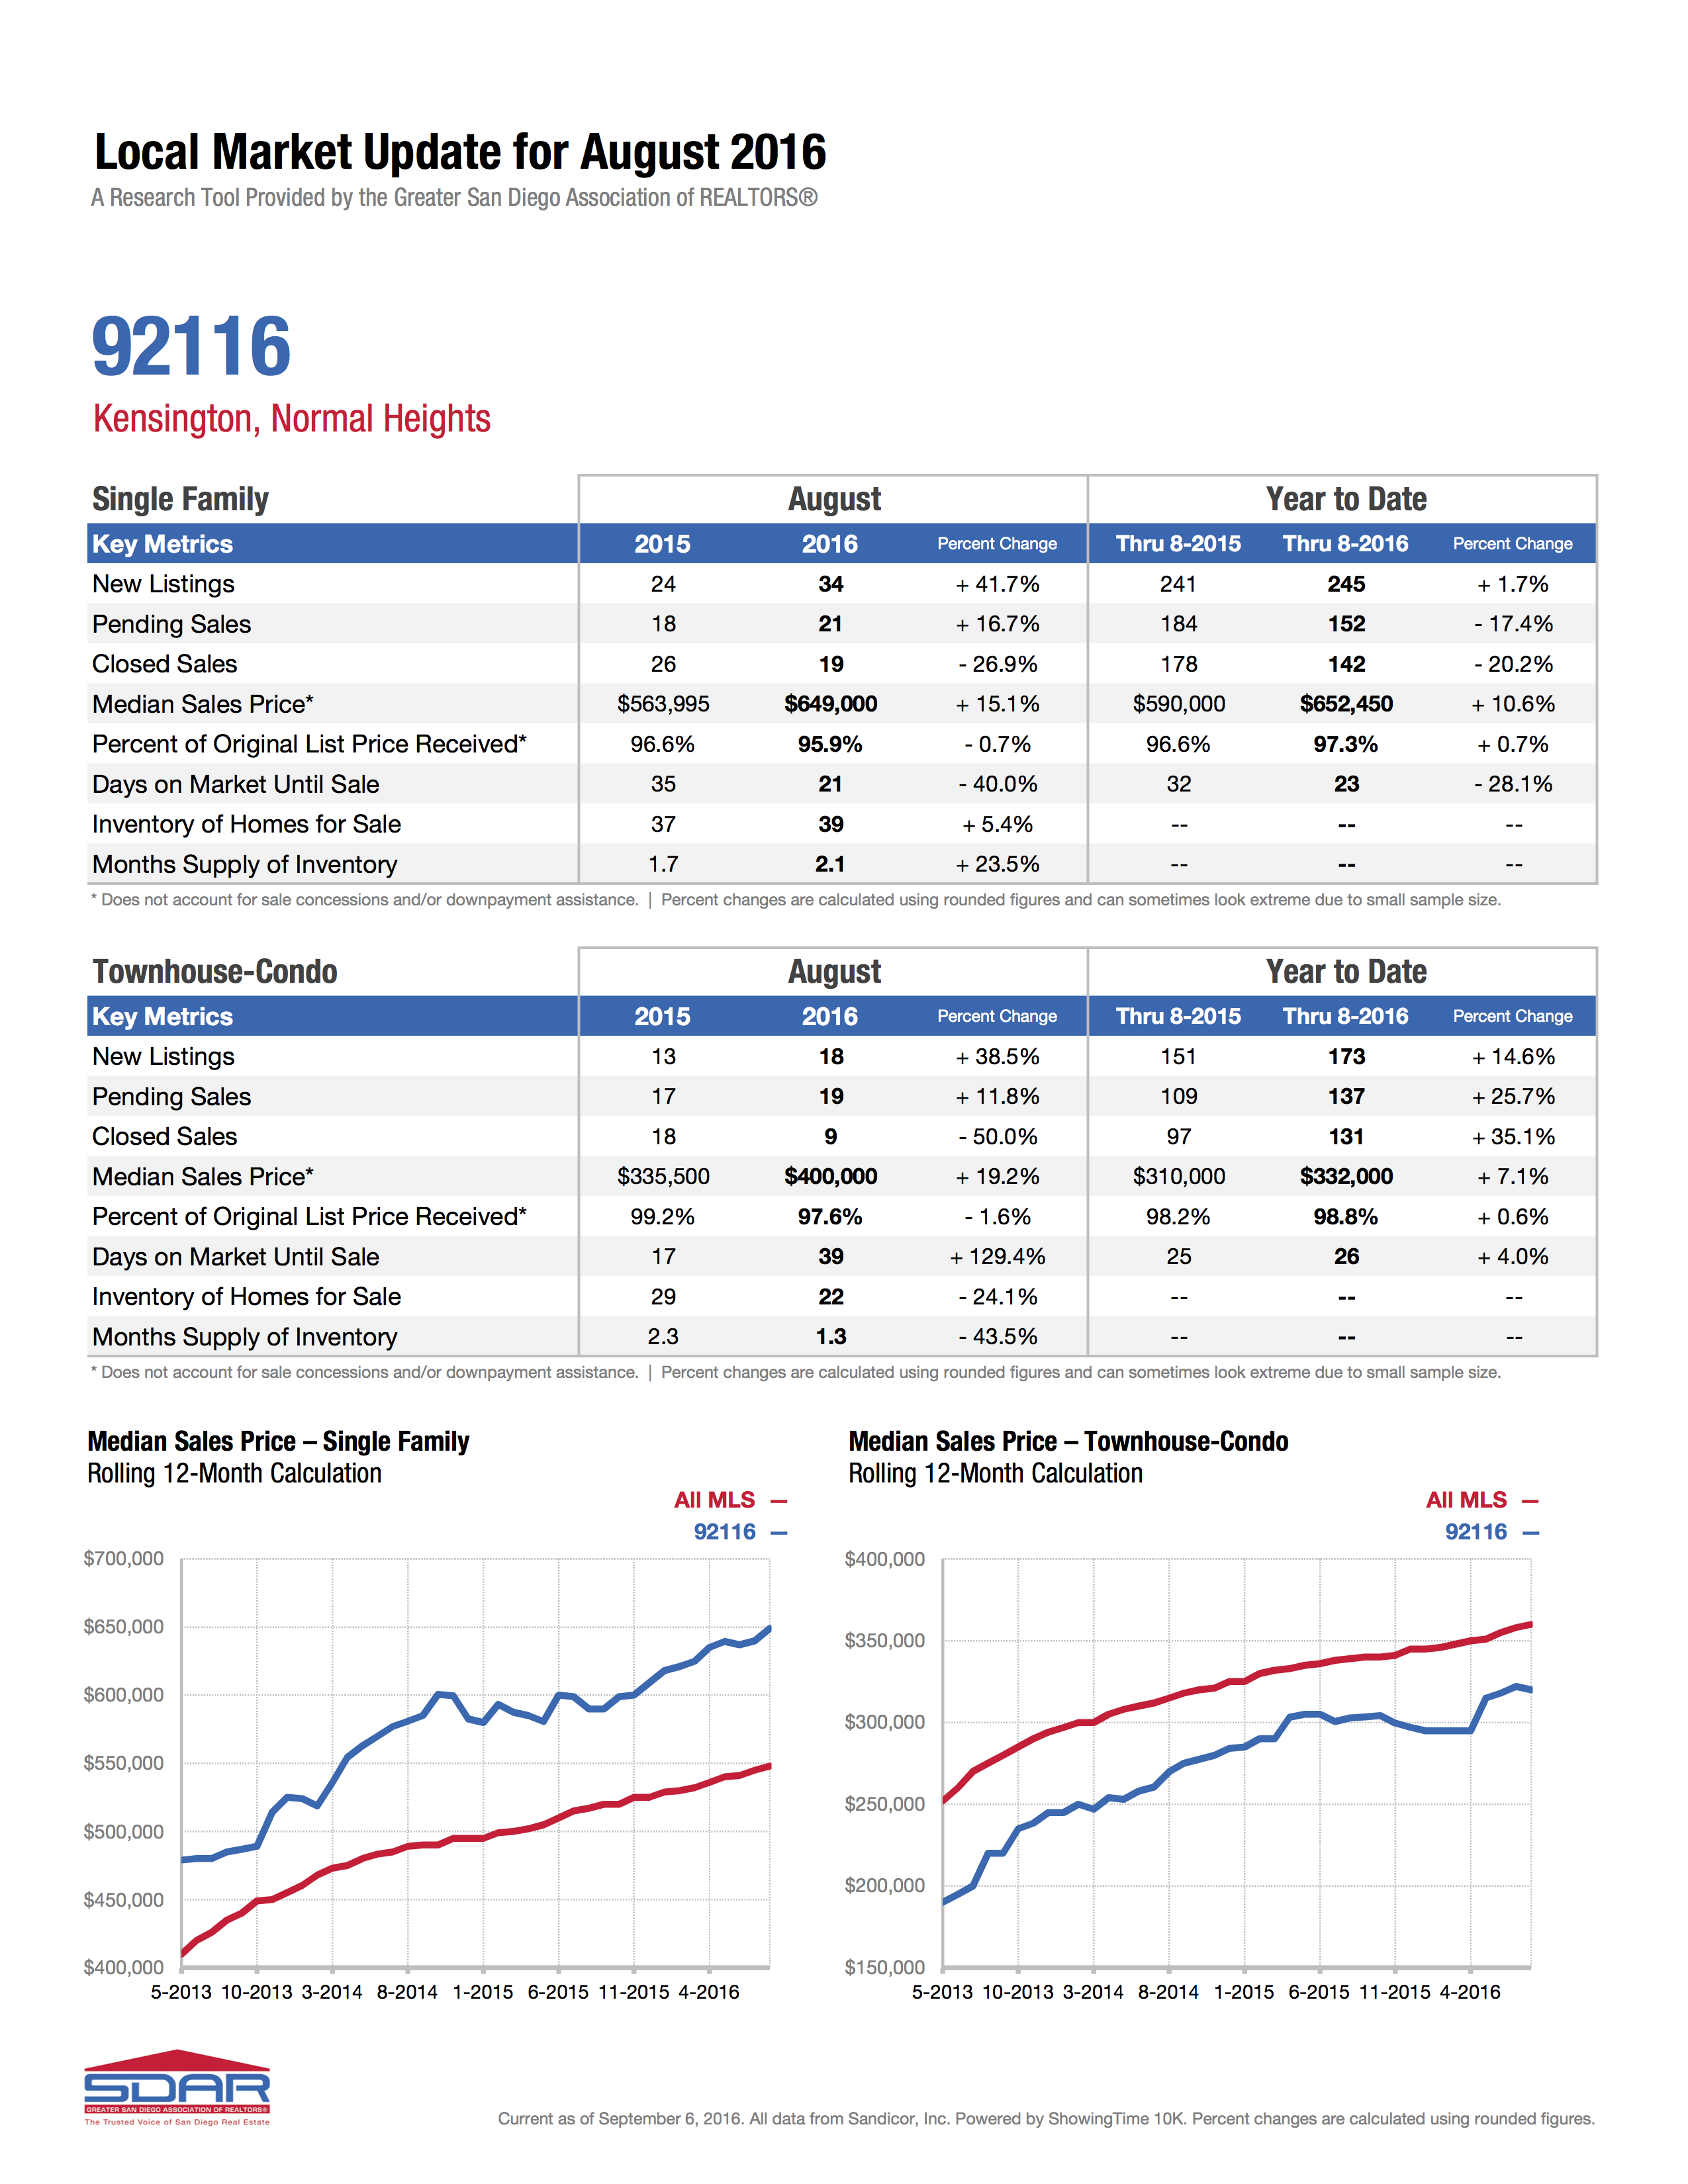 Kensington -University Heights- Normal Heights Market Update